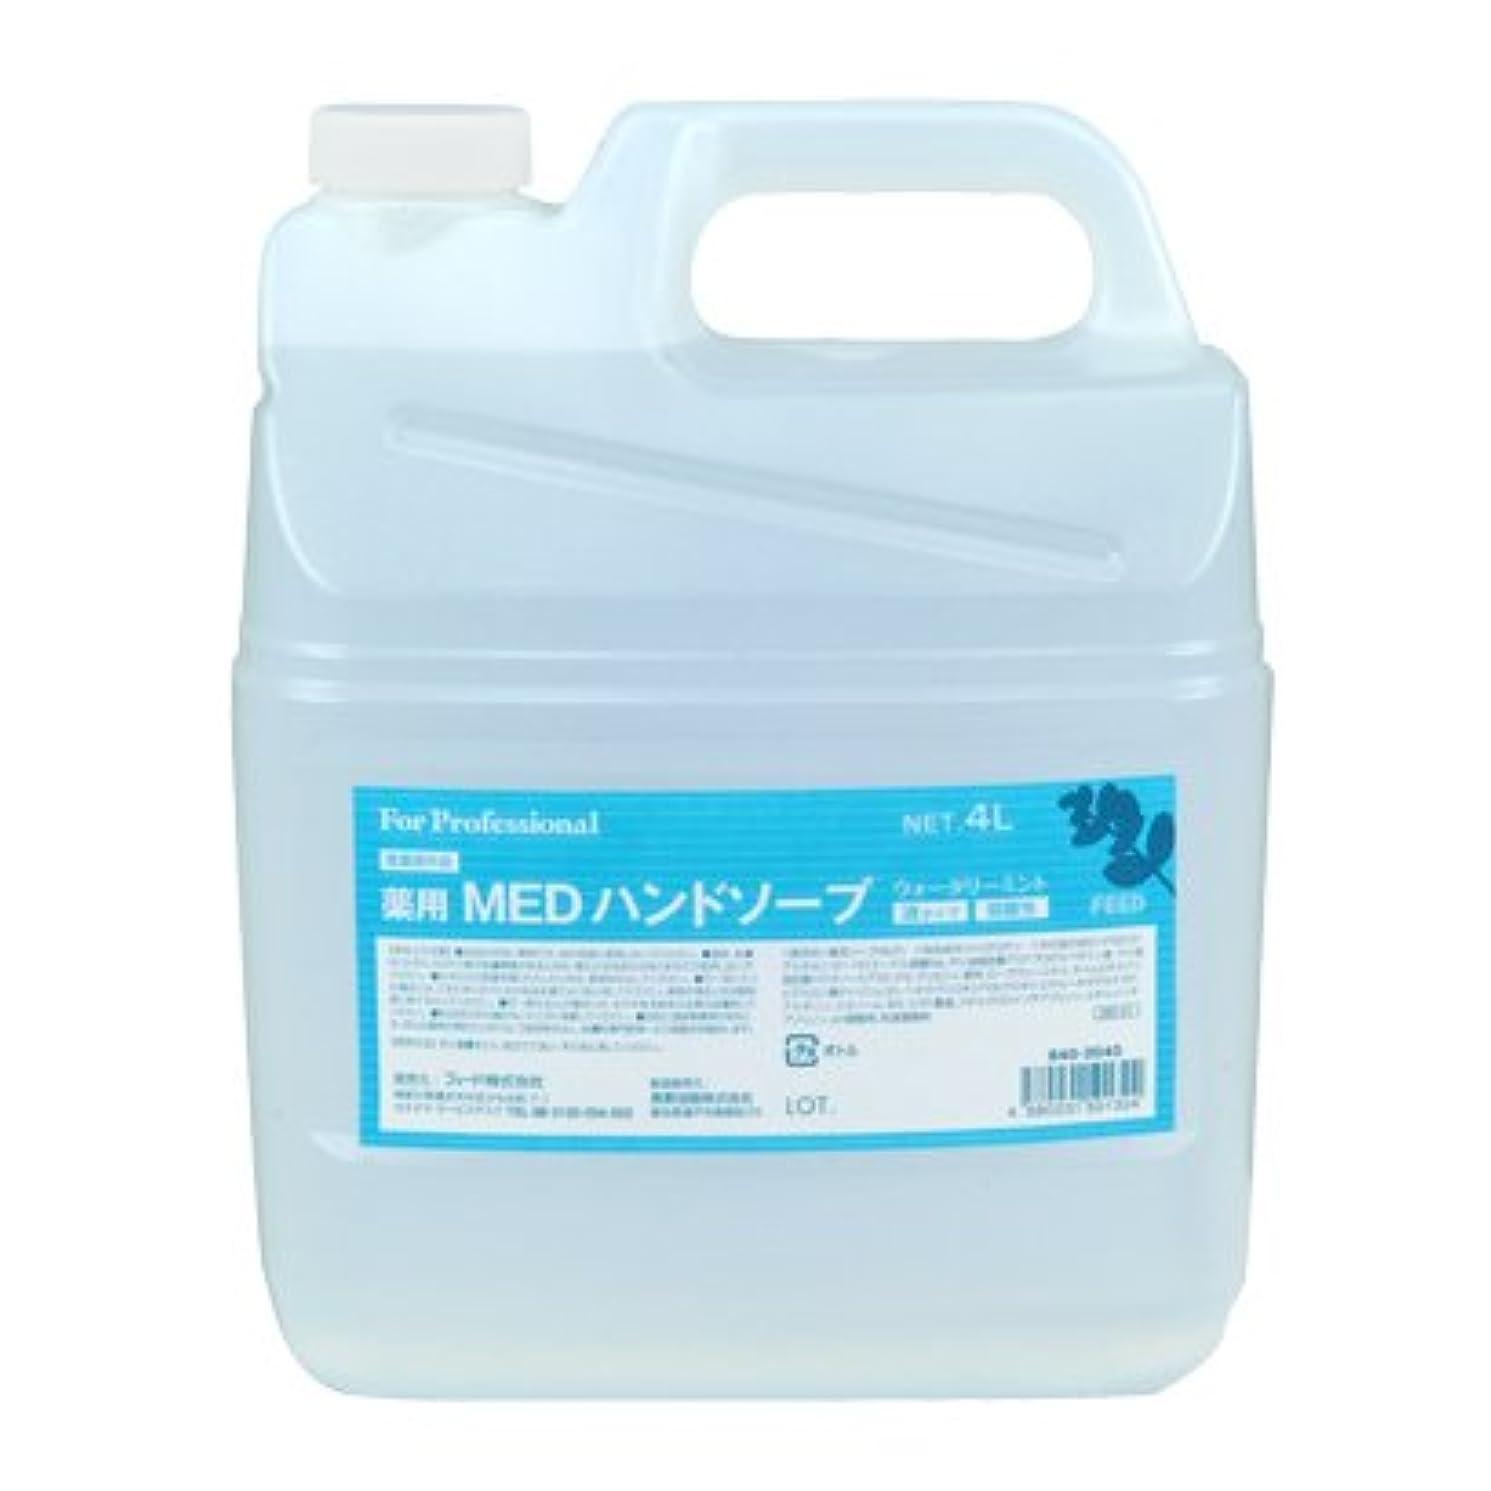 乱闘輸血筋肉の【業務用】 FEED(フィード) 薬用 MEDハンドソープ 液タイプ/4L詰替用 ハンドソープ(液タイプ) 入数 1本